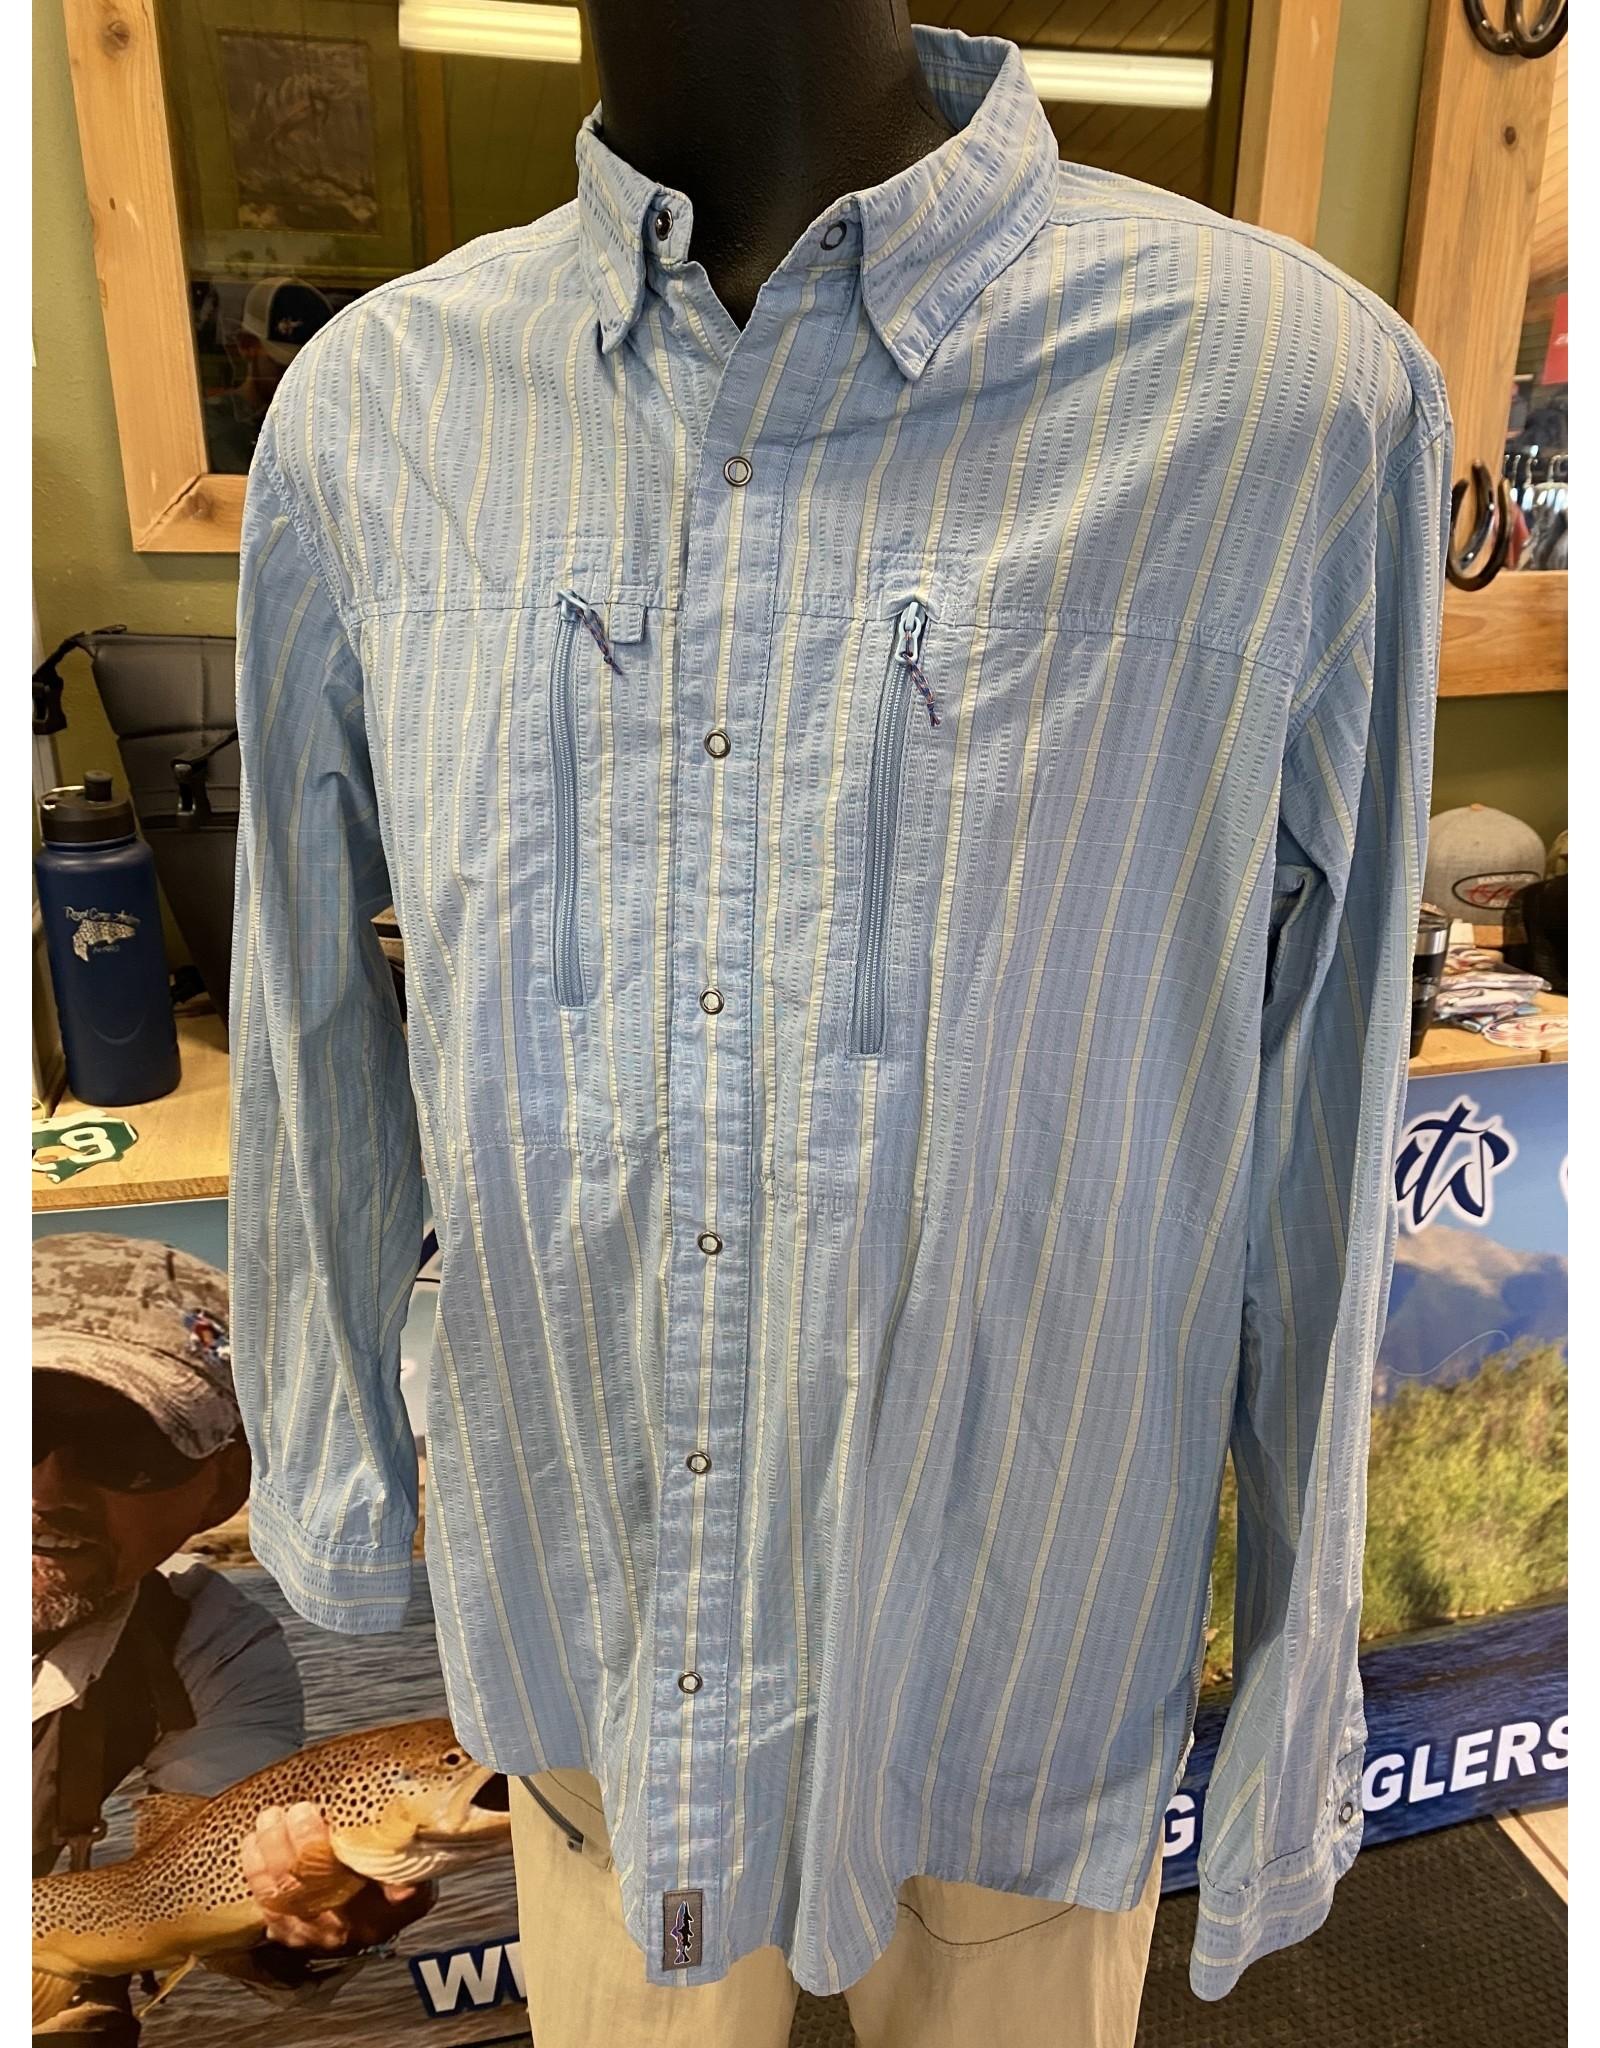 Patagonia Patagonia River Walker Fishing Shirt (SAMPLE SALE Size Large)